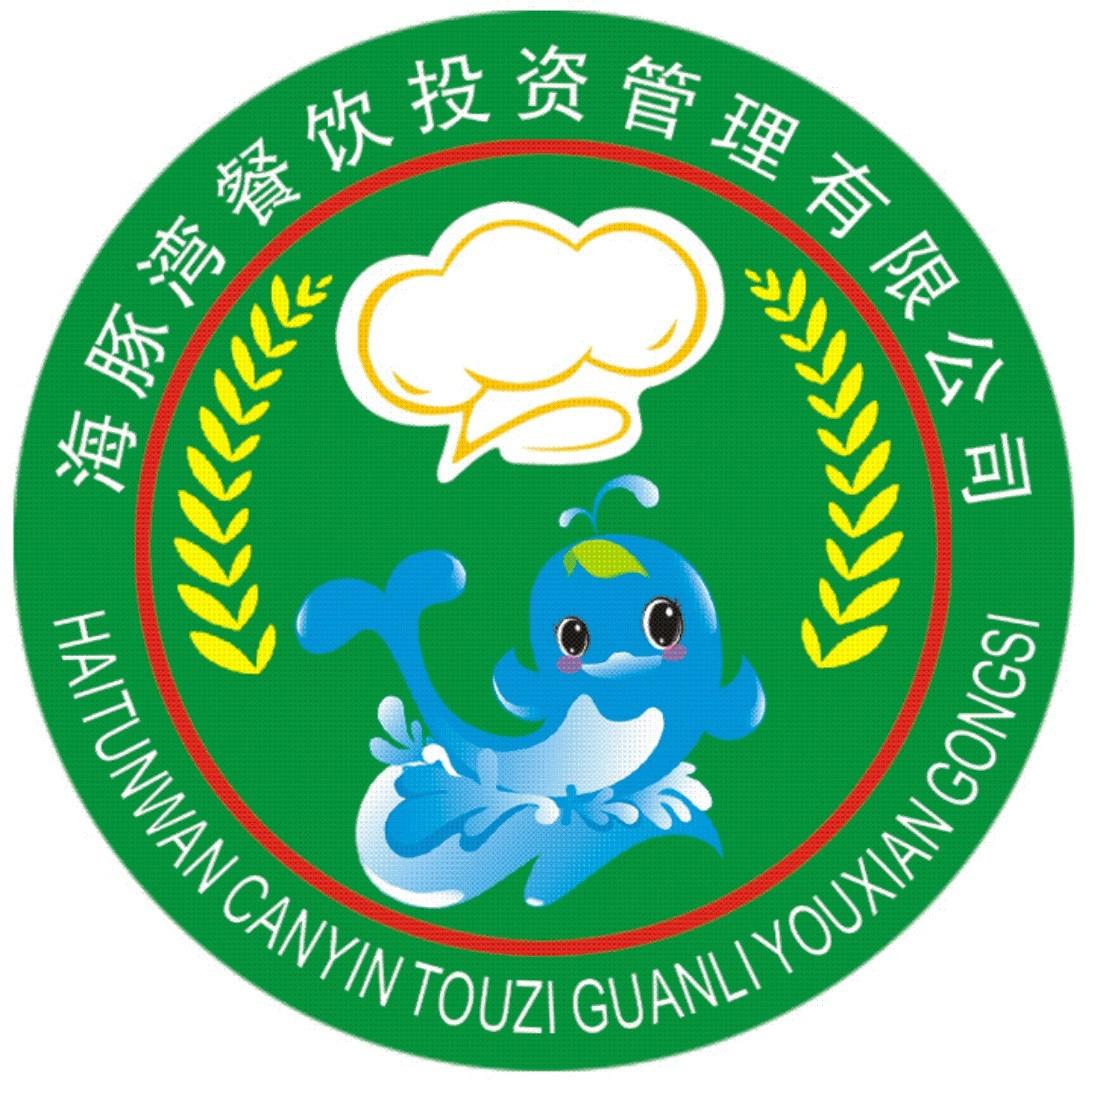 江蘇海豚灣餐飲管理有限公司